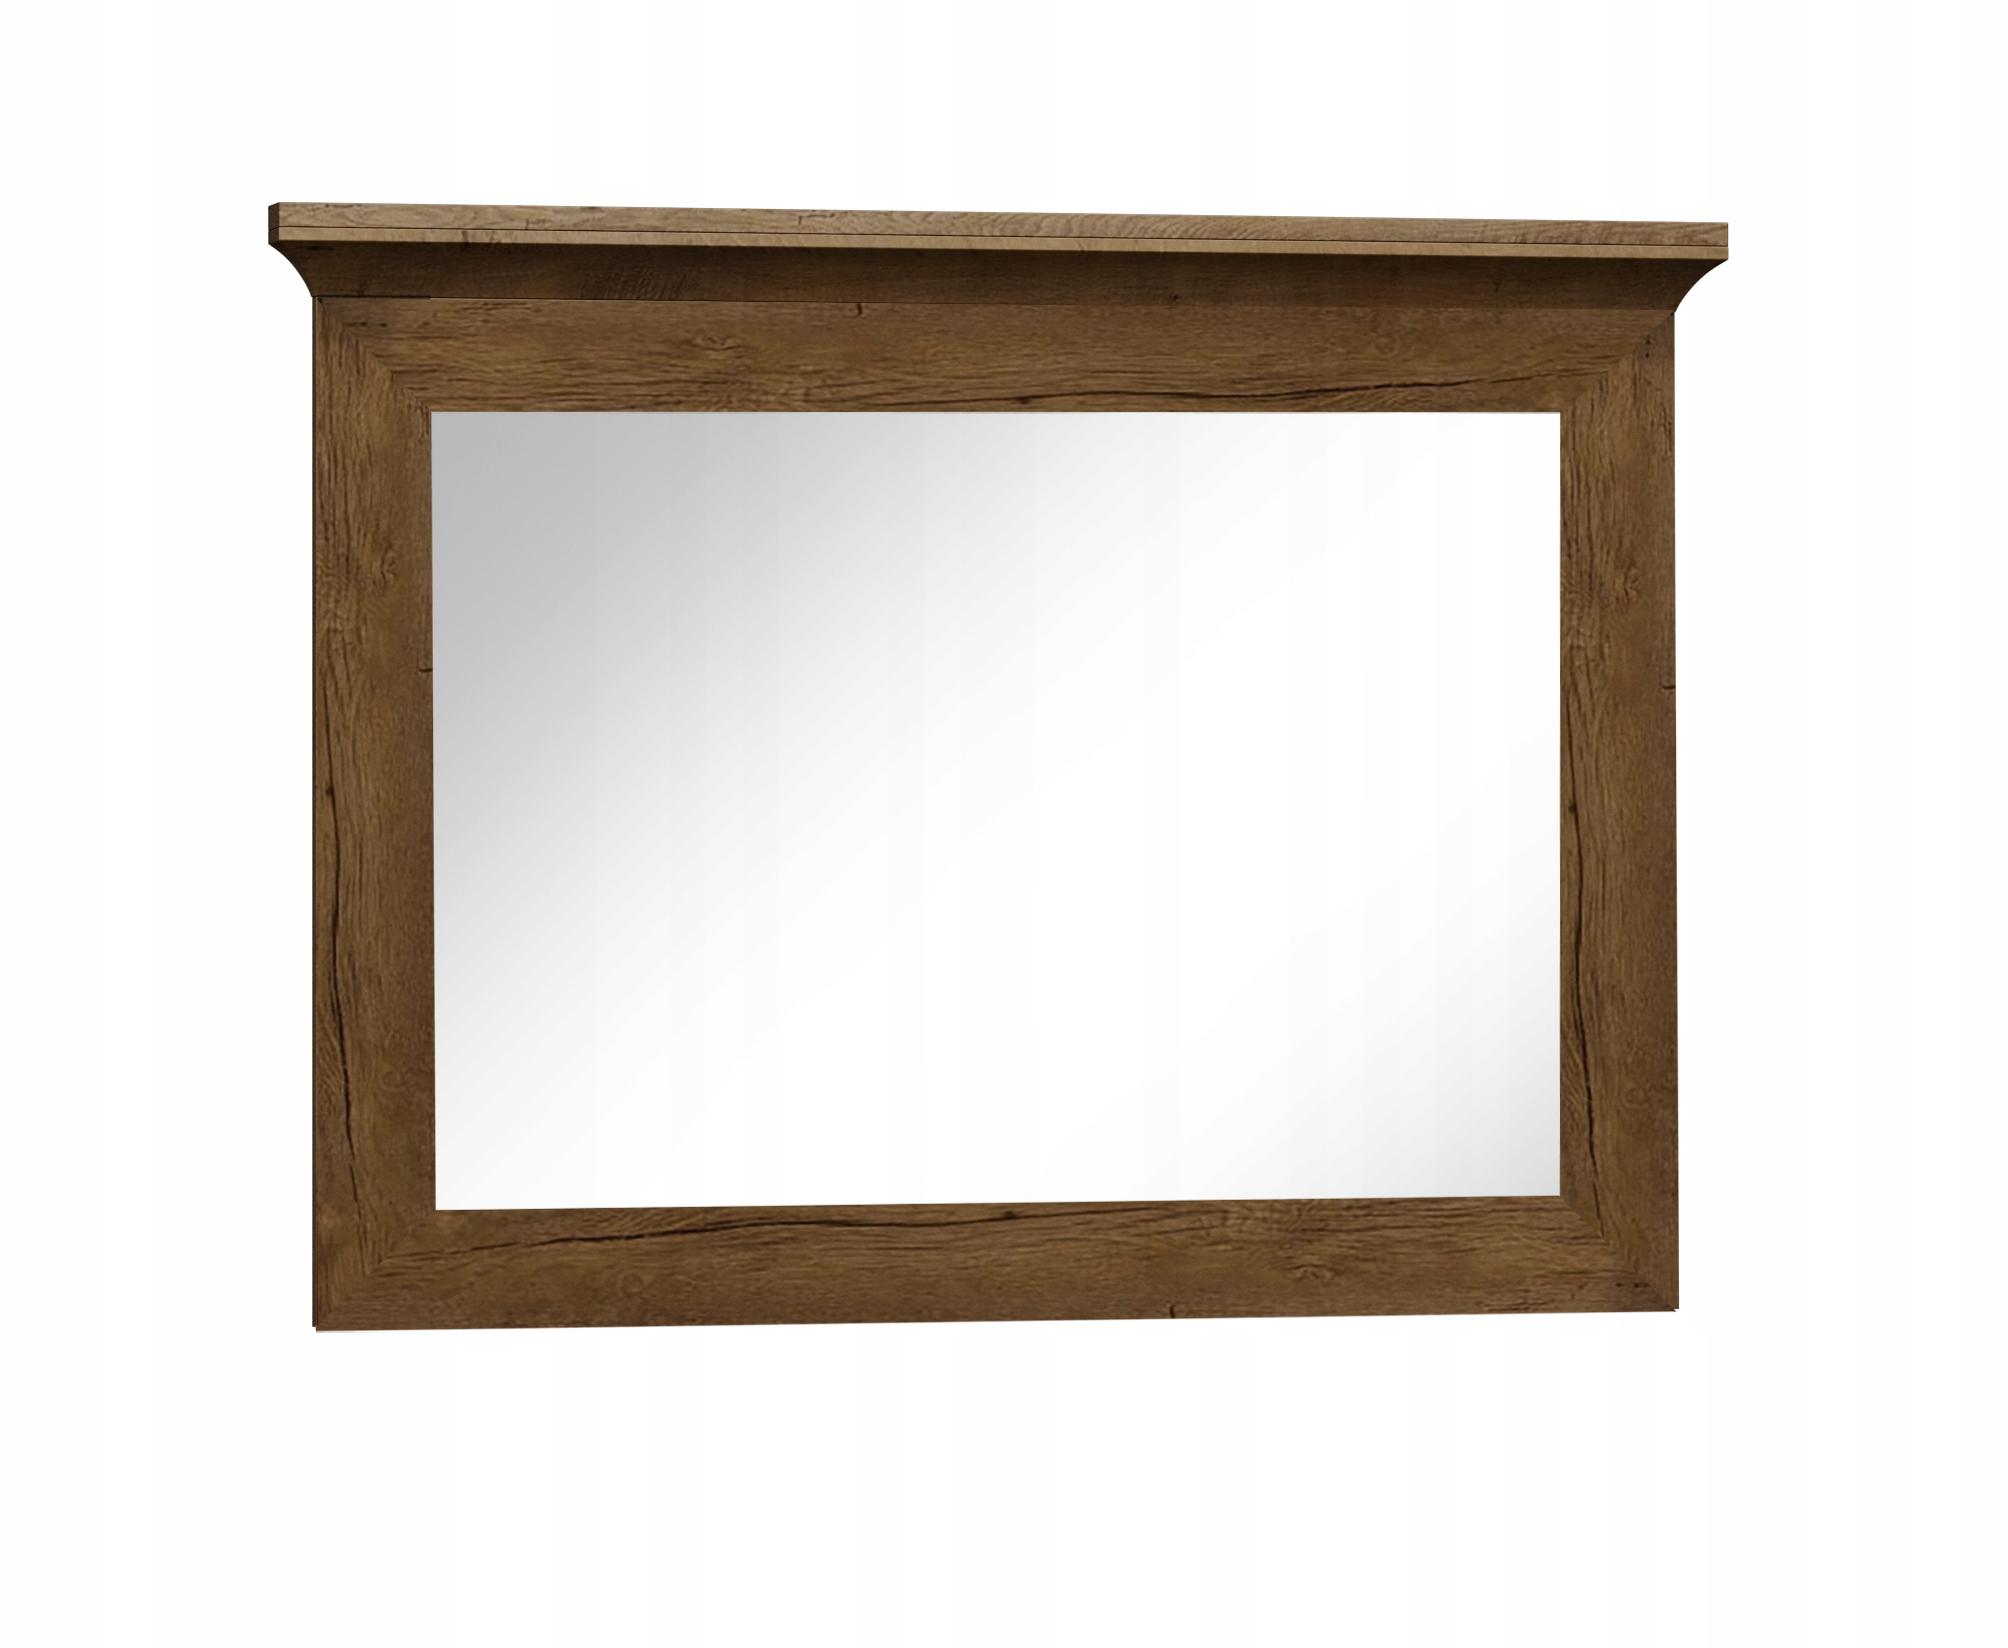 Zrkadlo nad komodu nábytok Retro R8 do obývacej izby